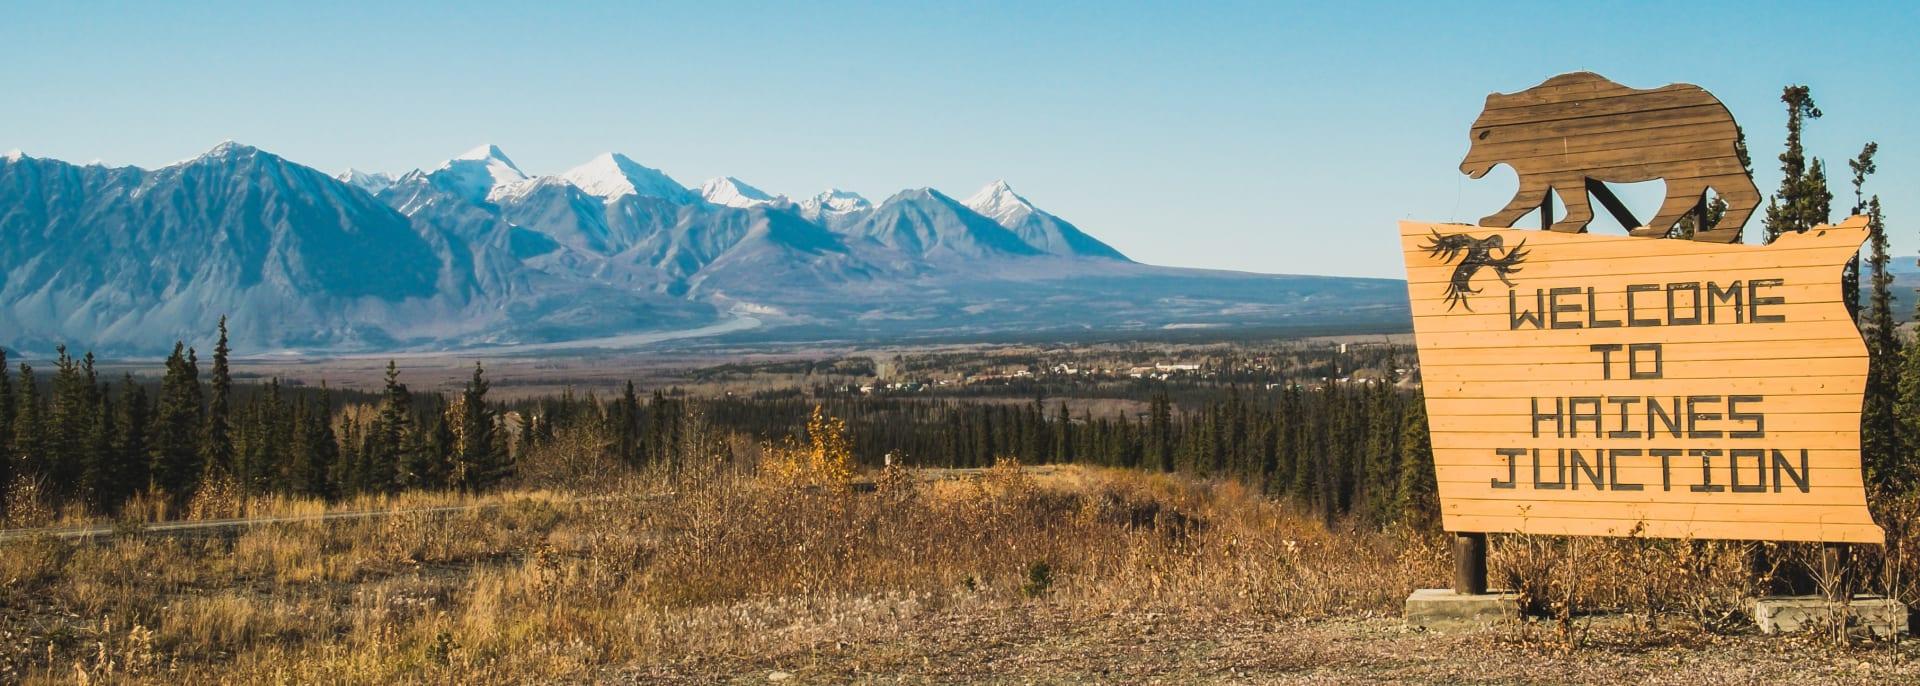 Haines Junction, Alaska